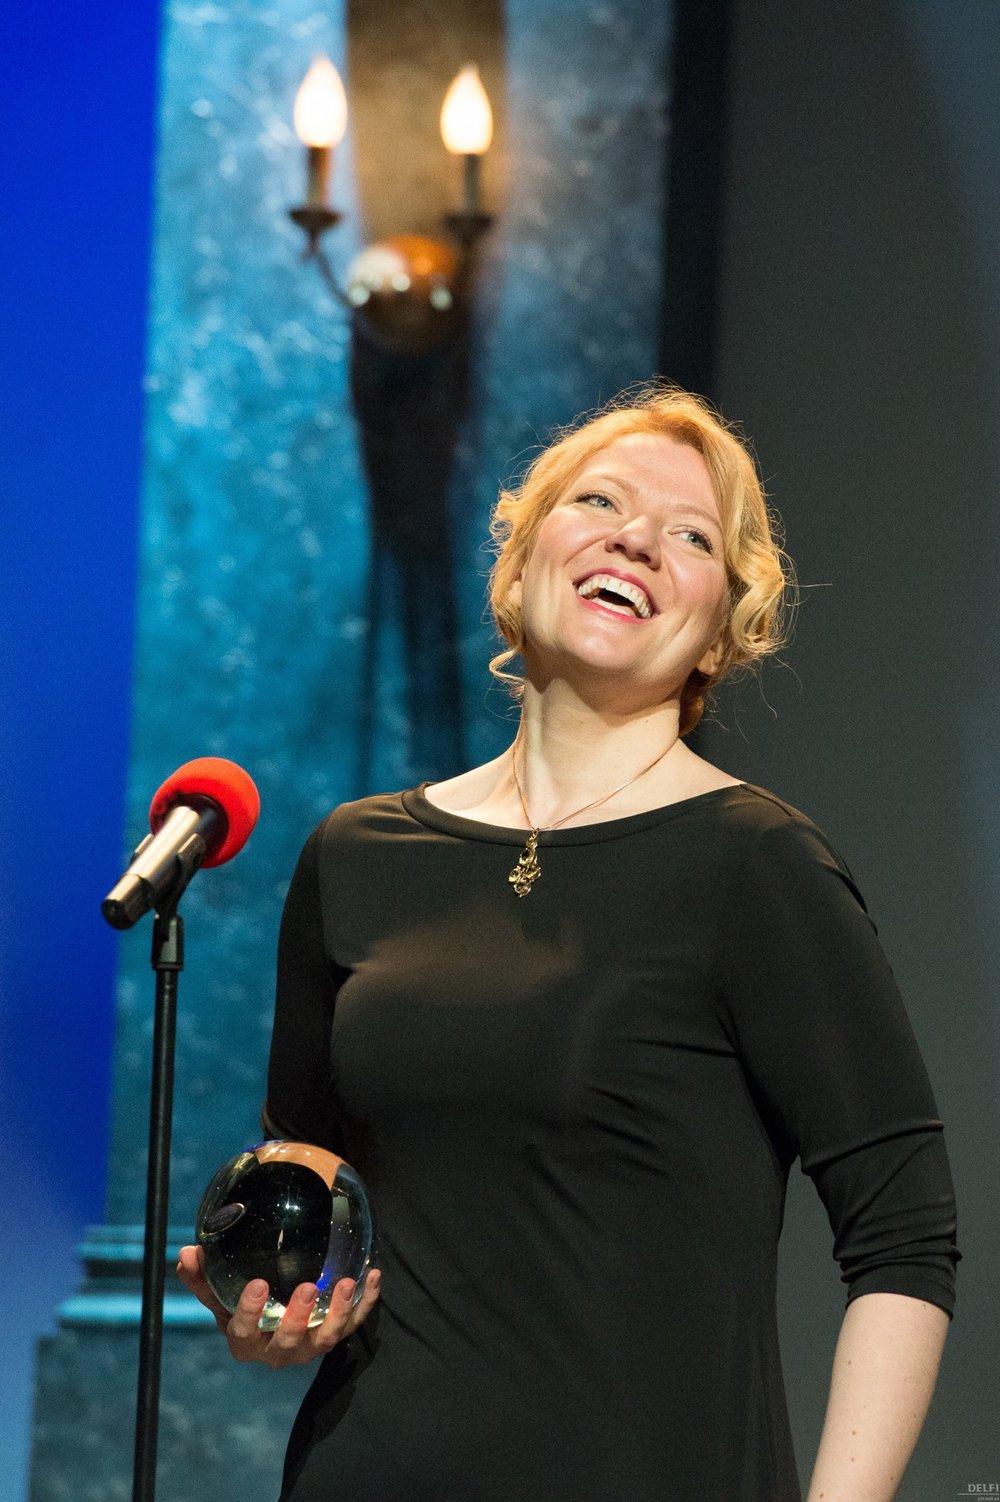 Aile Asszonyi receives the Estonian Theatre Award 2012